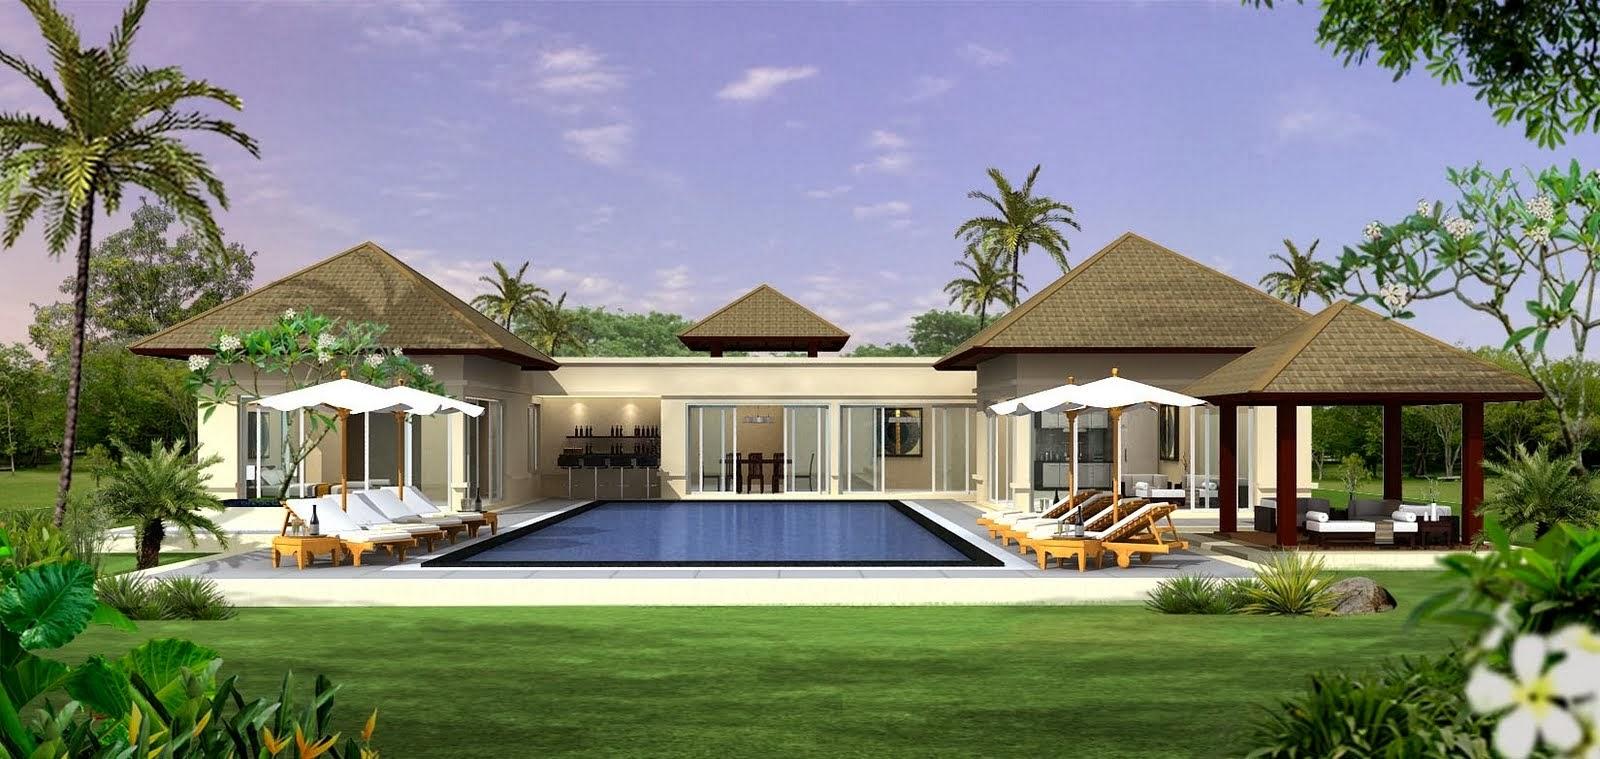 Decoraci n y afinidades casas modernas con piscina for Casa moderna tunisie